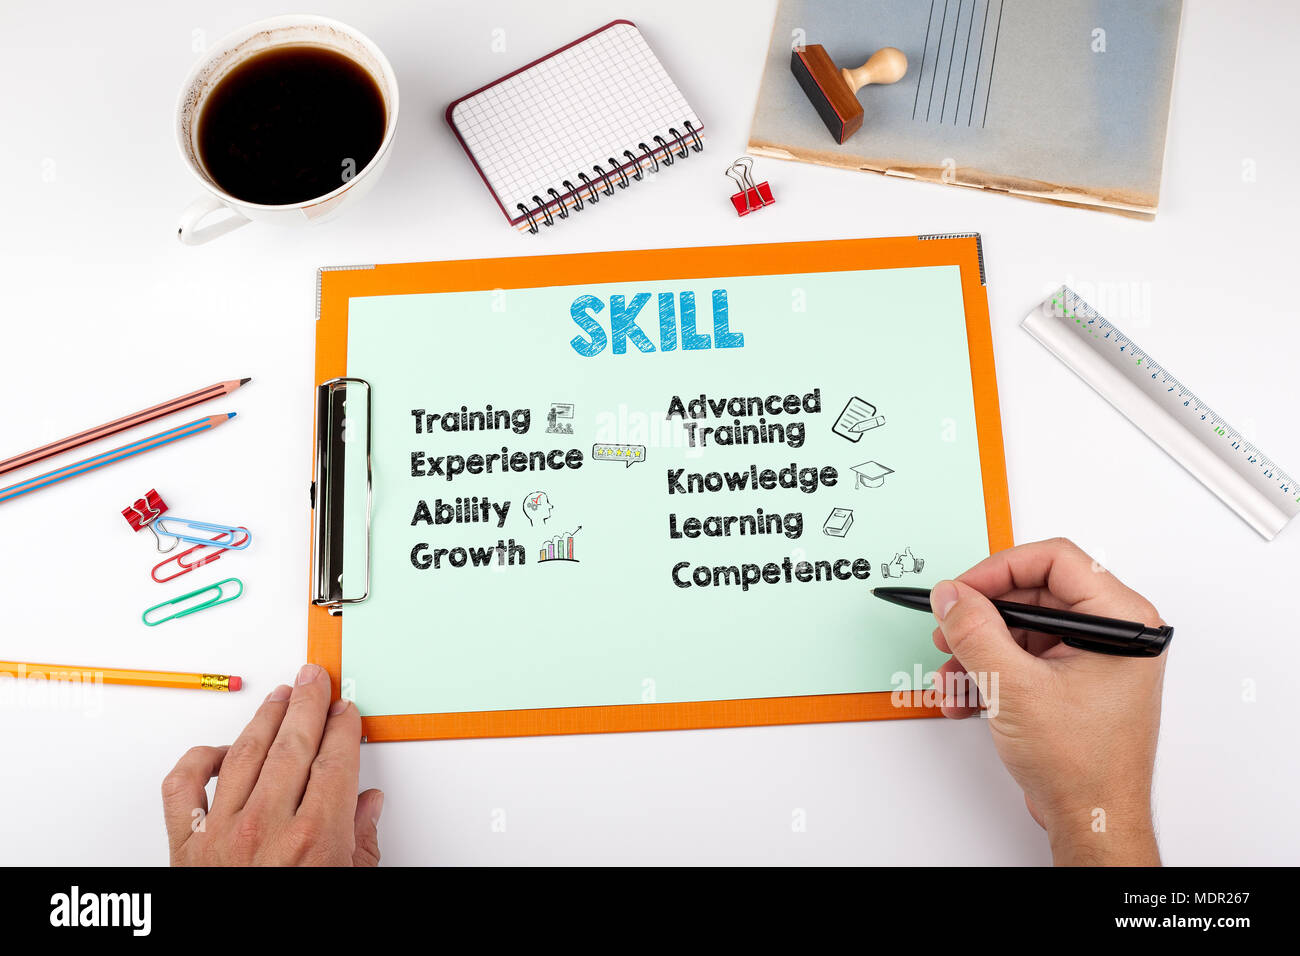 Skill Konzept, Schlüsselwörter und Symbole. Schreibtisch mit Briefpapier Stockbild